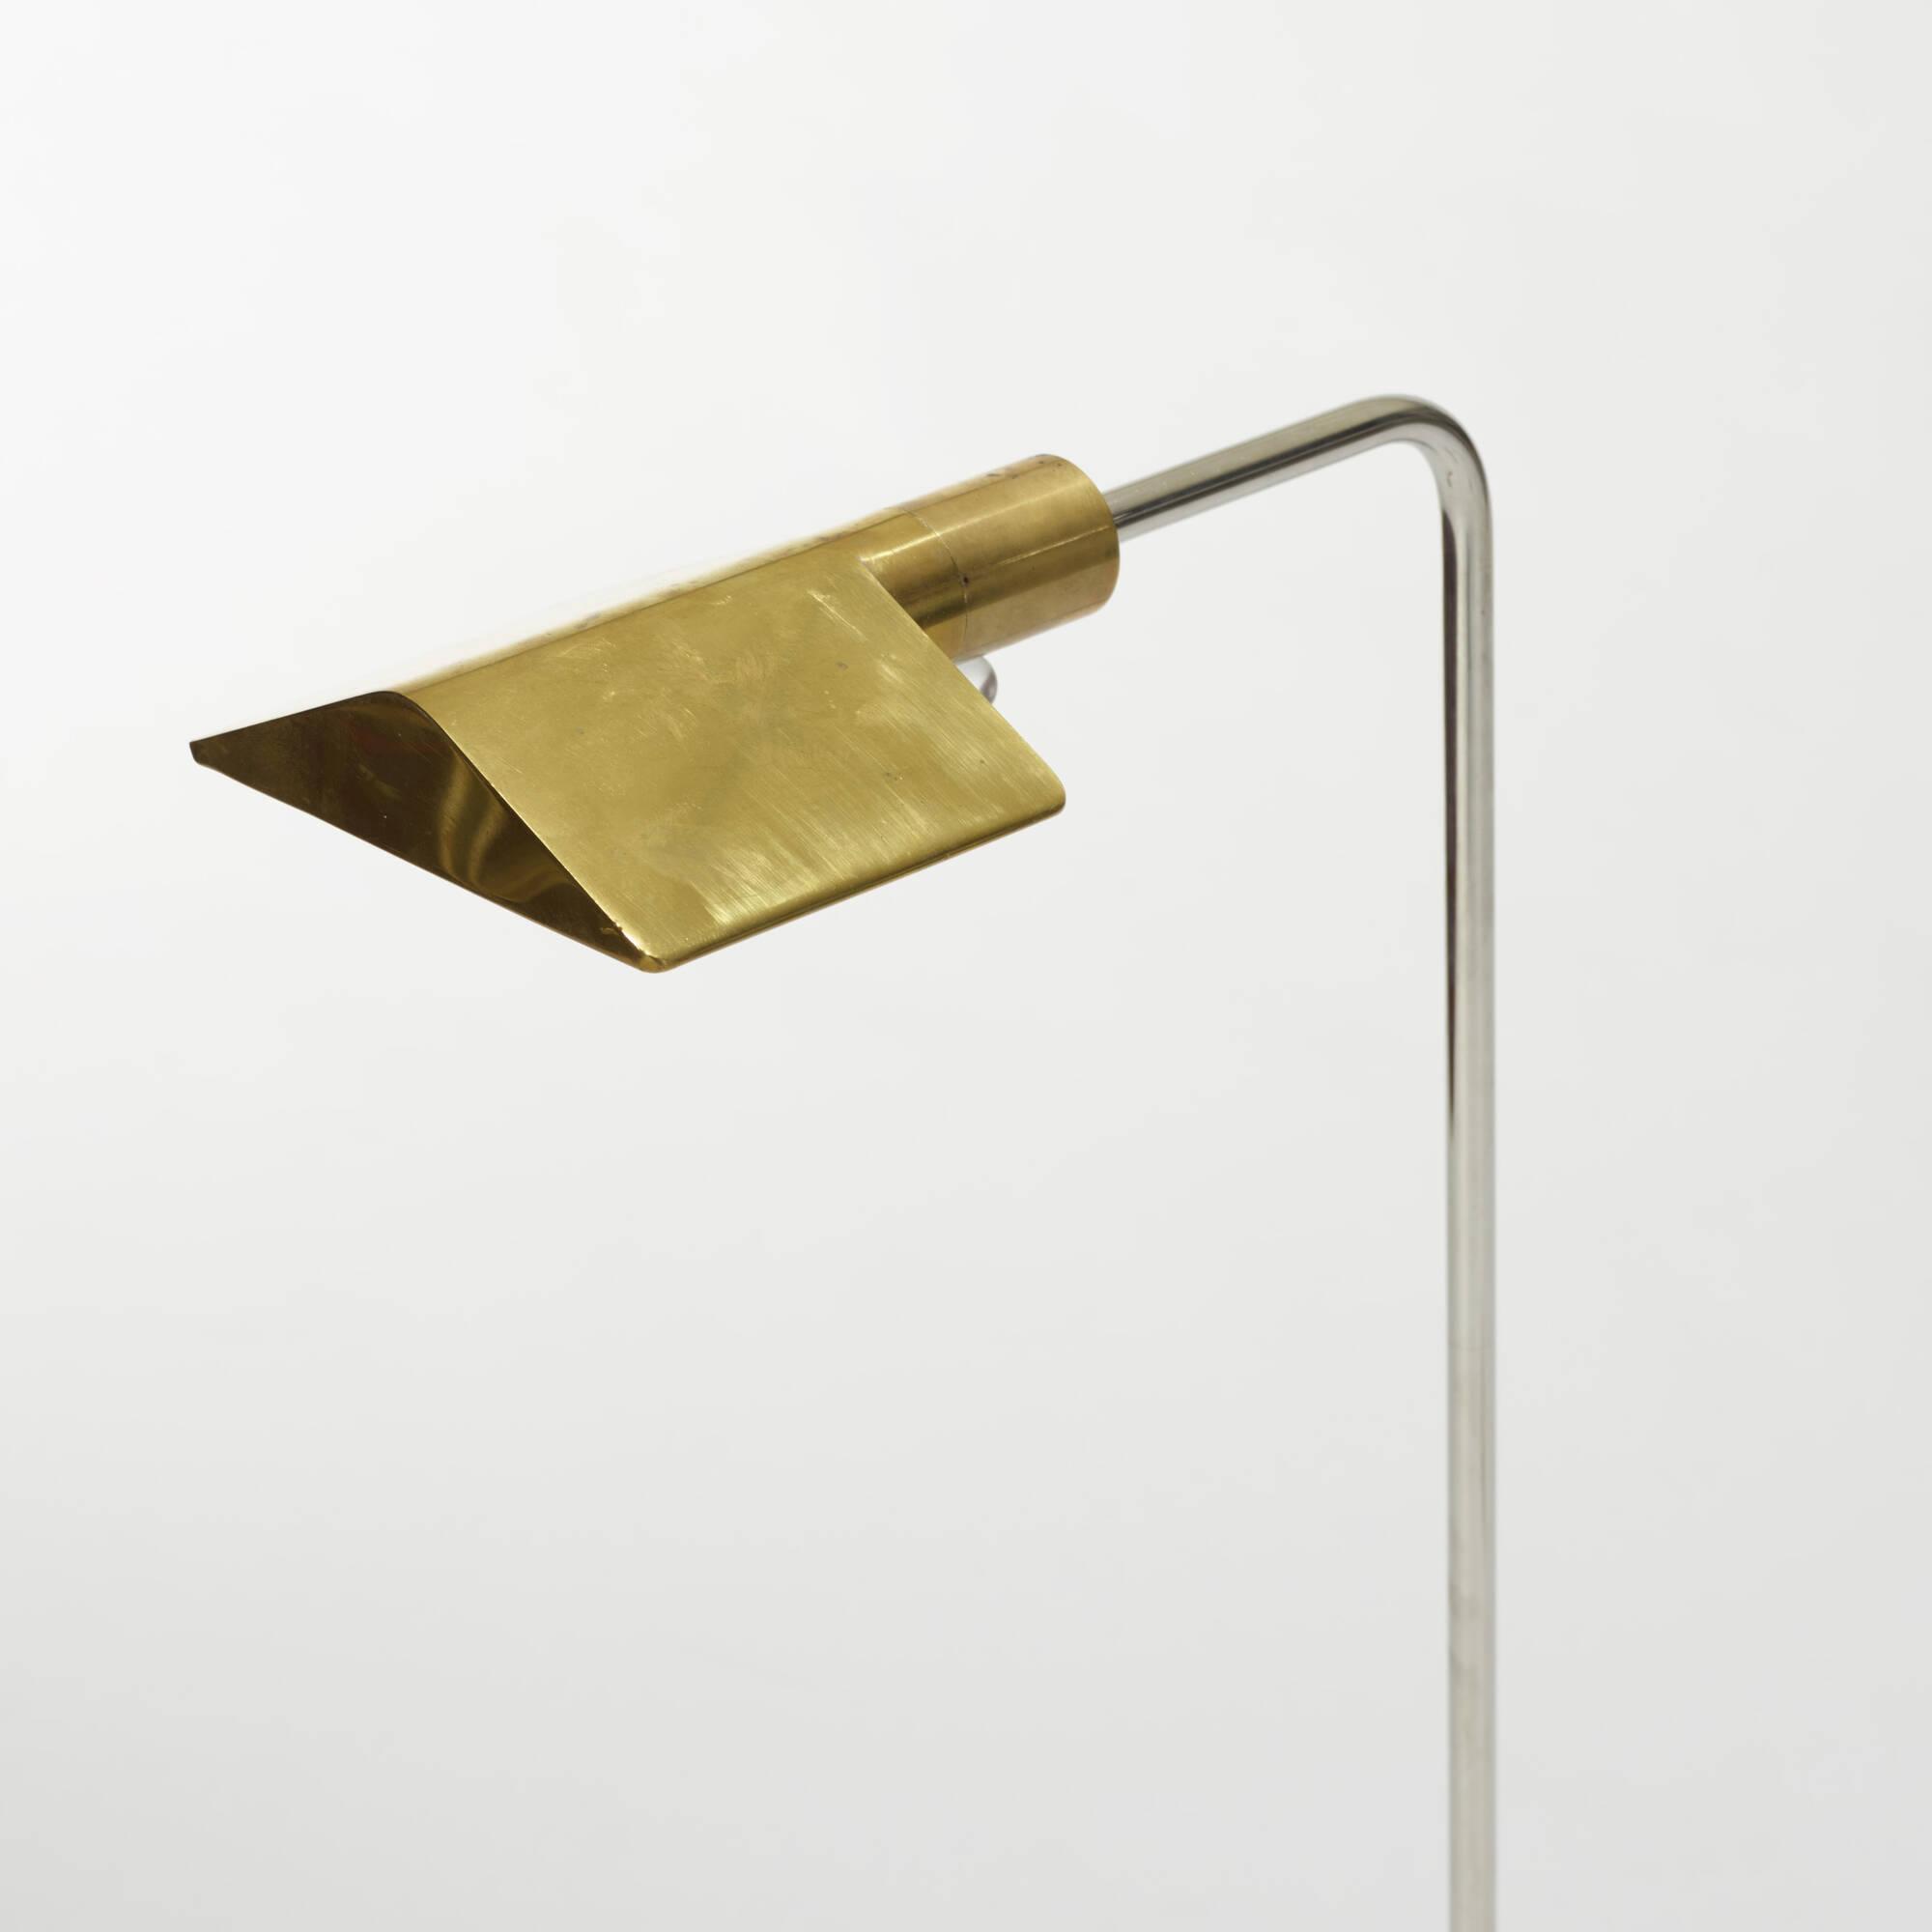 171: Cedric Hartman / floor lamps model 1U WV, pair (2 of 2)